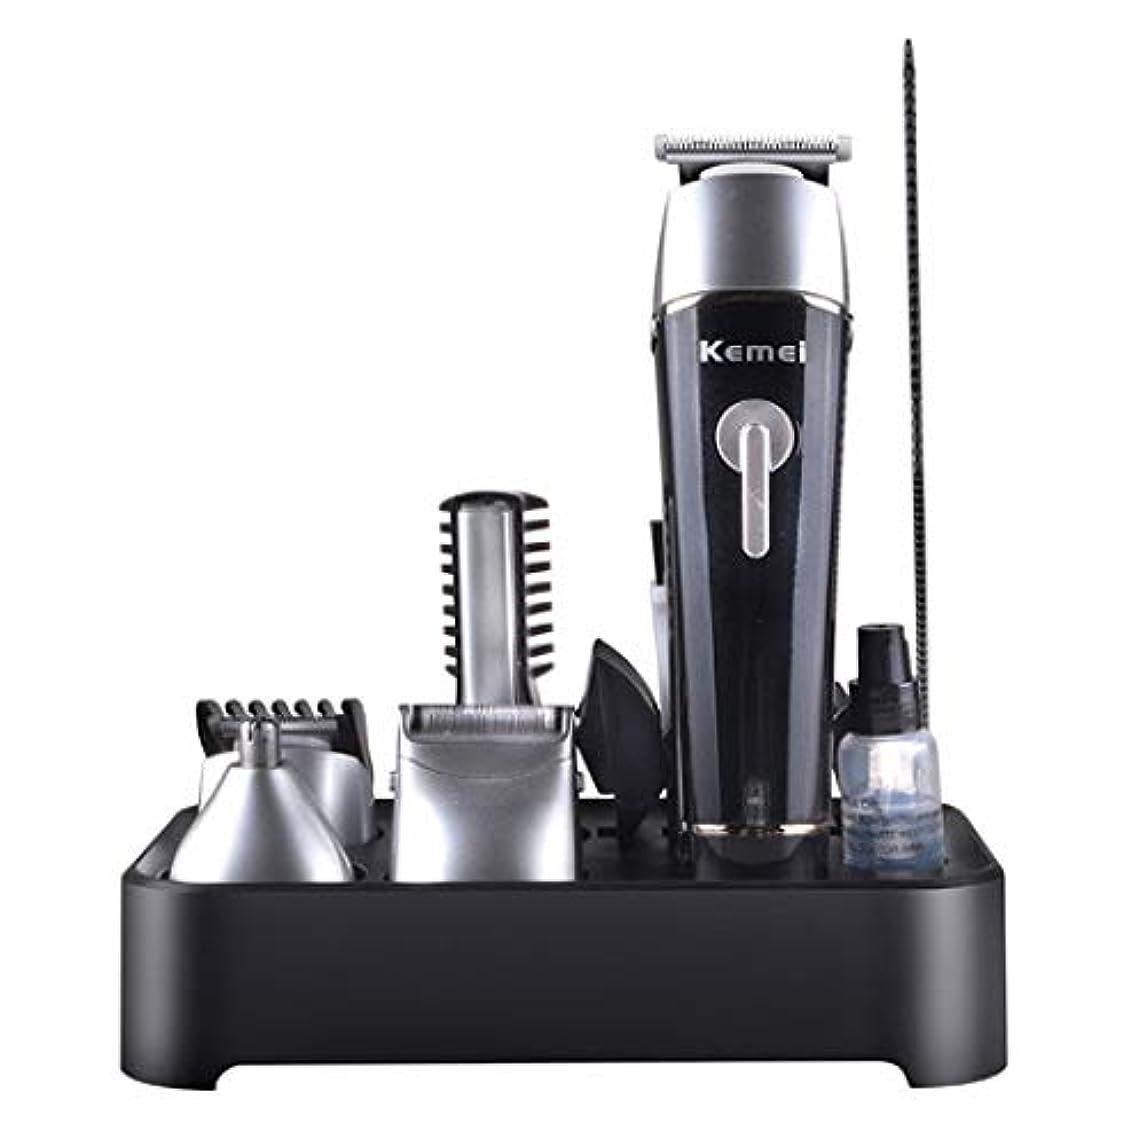 上下するモーター四半期QINJLI 電気髪クリッパー鼻ナイフ剃刀シェーバー多 function スーツ体を洗う基本 16 * 3.5 cm を充電